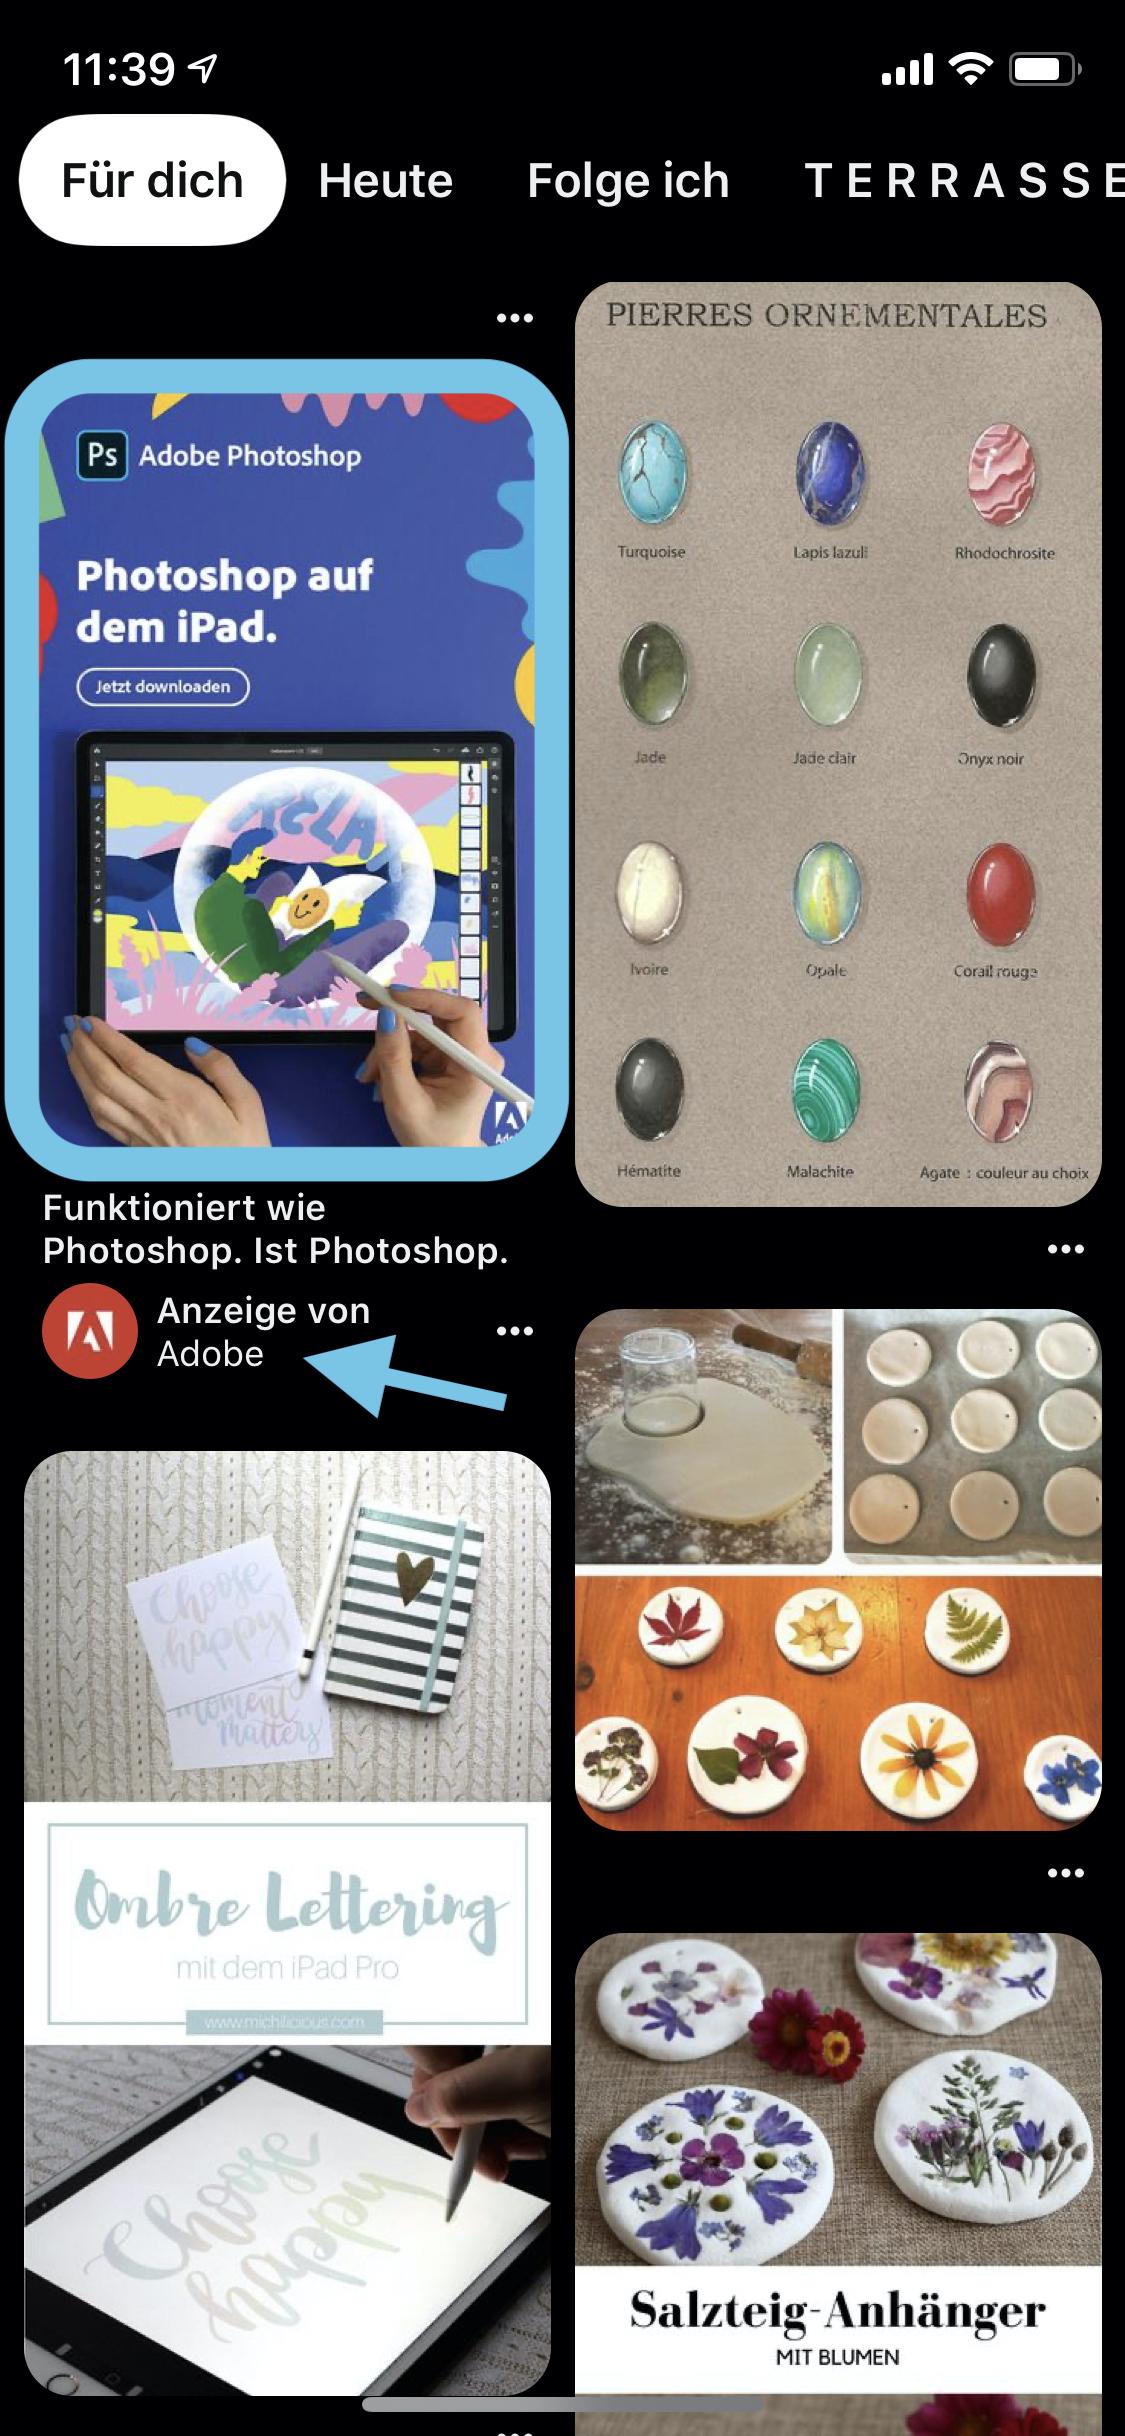 Beispiel einer Pinterest Ad von Adobe